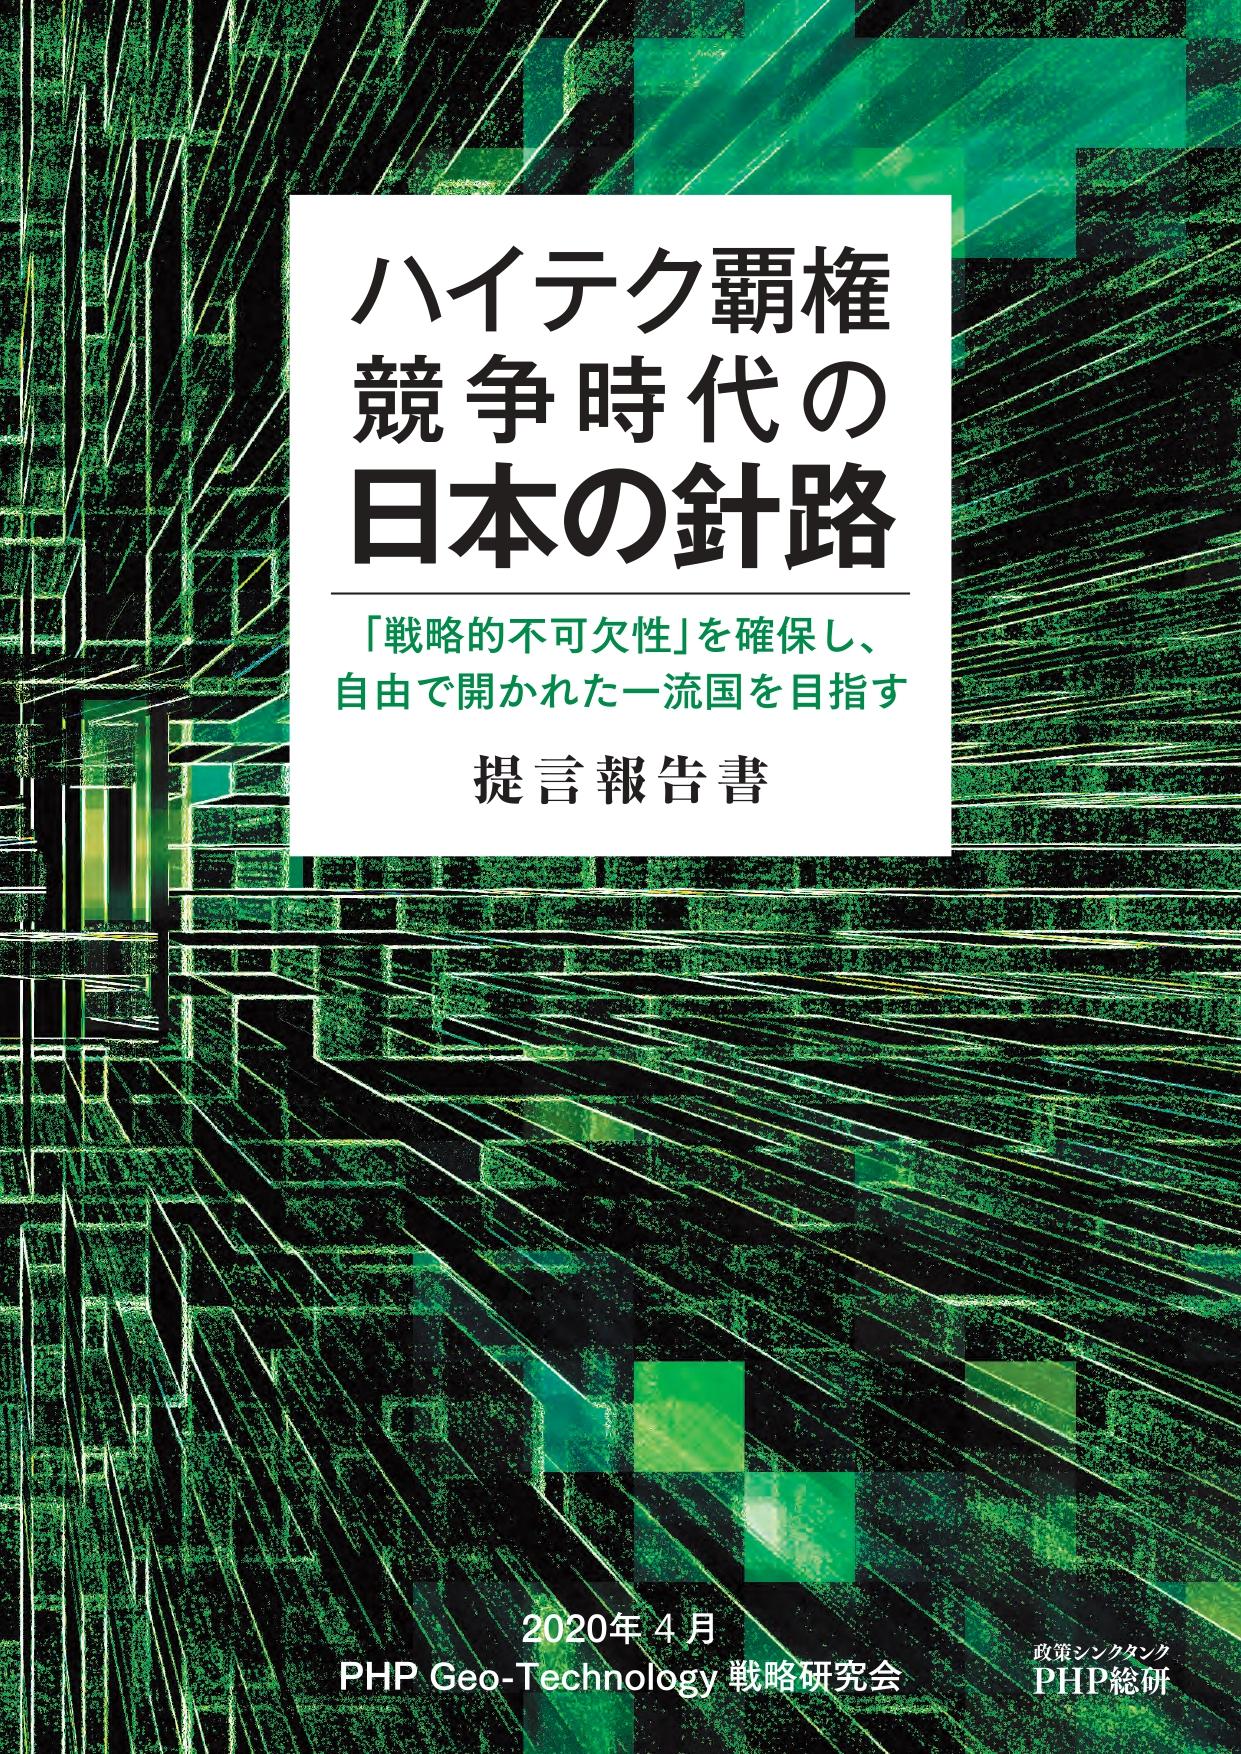 ハイテク覇権競争時代の日本の針路